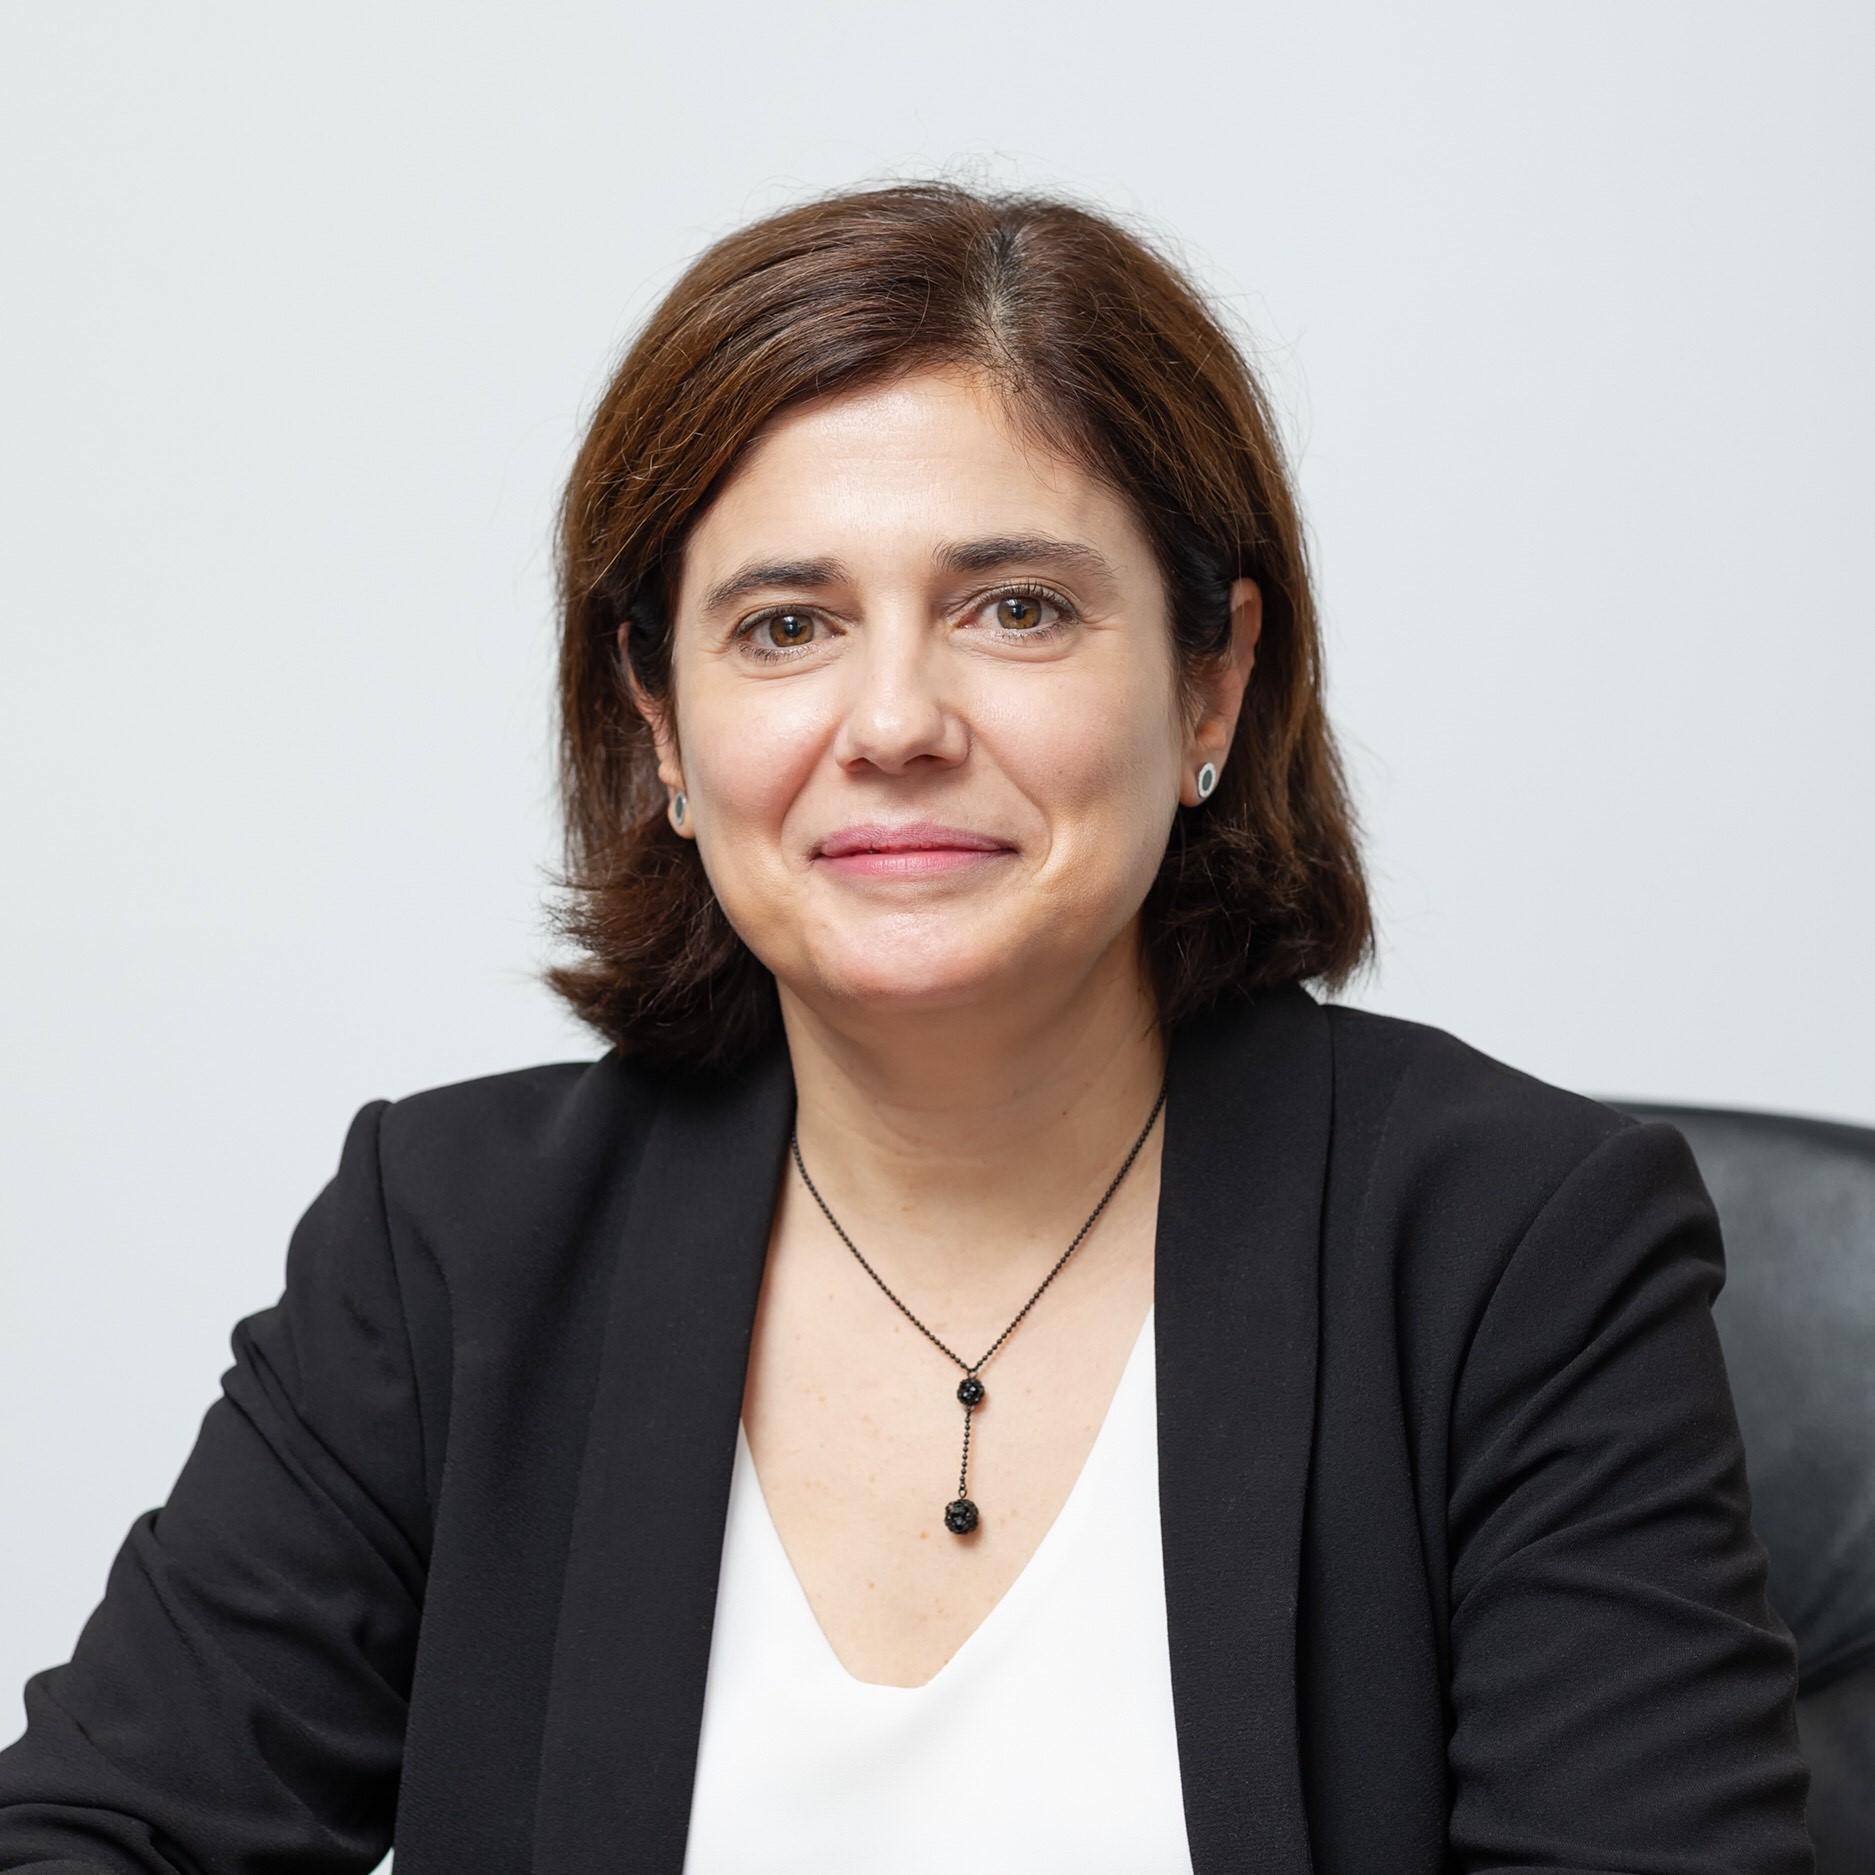 Verónica Herrero